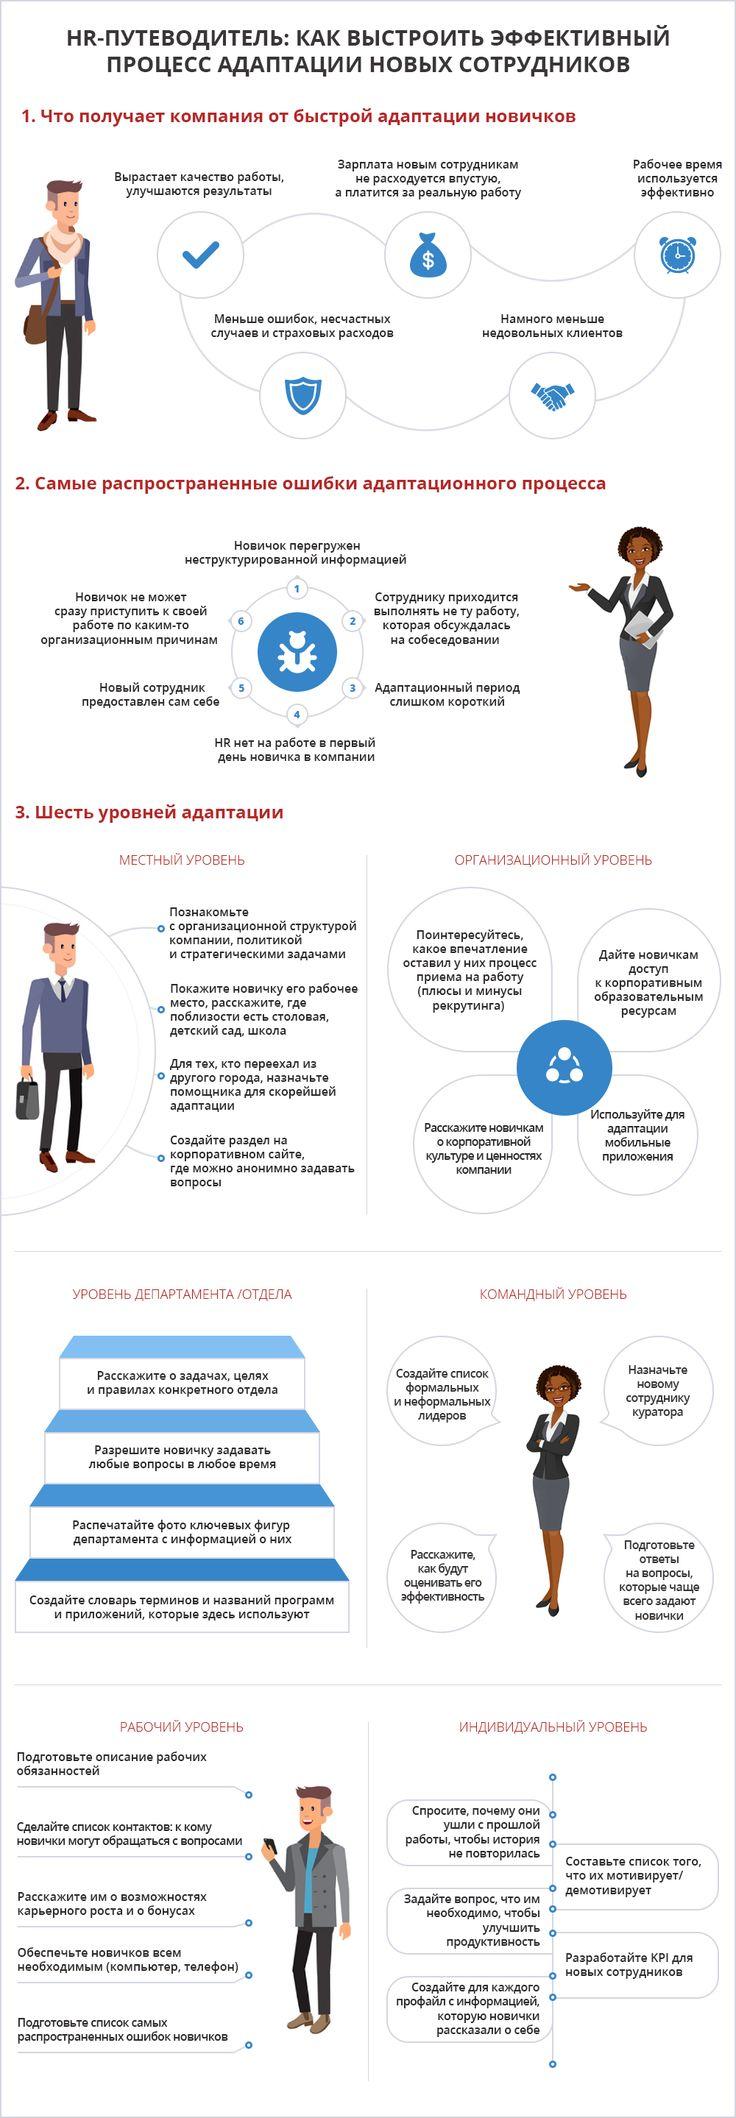 Адаптация нового сотрудника — не быстрый процесс.Известный HR-эксперт доктор Джон Салливан предлагает разбирать его на 6 уровней и обязательно уделить внимание каждому из них. Используя его практическиесоветыи рекомендации, мы нарисовали инфографику. Удачи вашим новым сотрудникам и вам в процессе их адаптации!